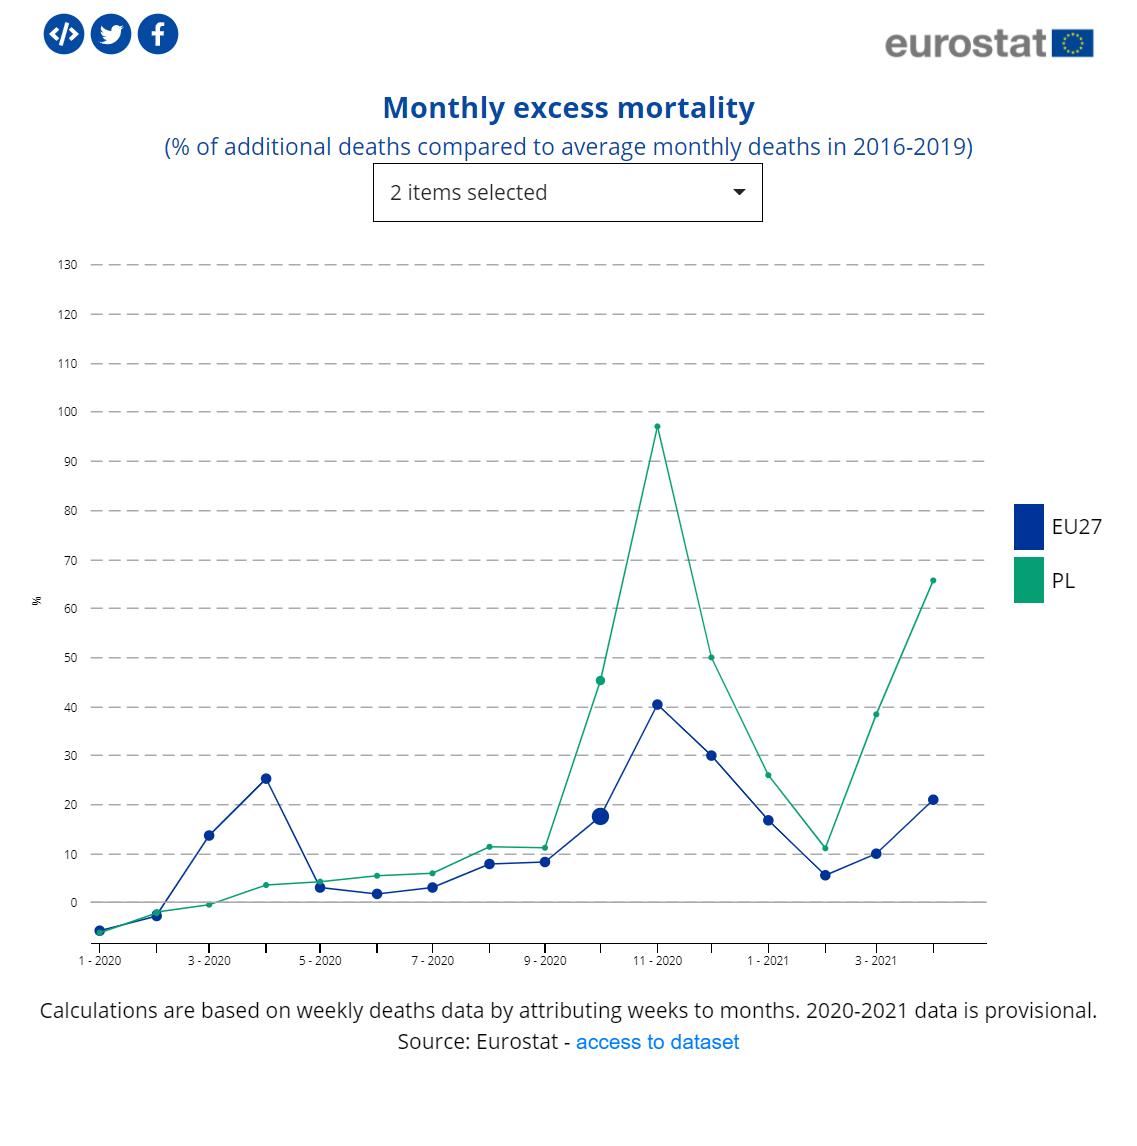 Dynamika nadmiarowych zgonów w Polsce i w Unii Europejskiej od stycznia 2020 do kwietnia 2021 roku